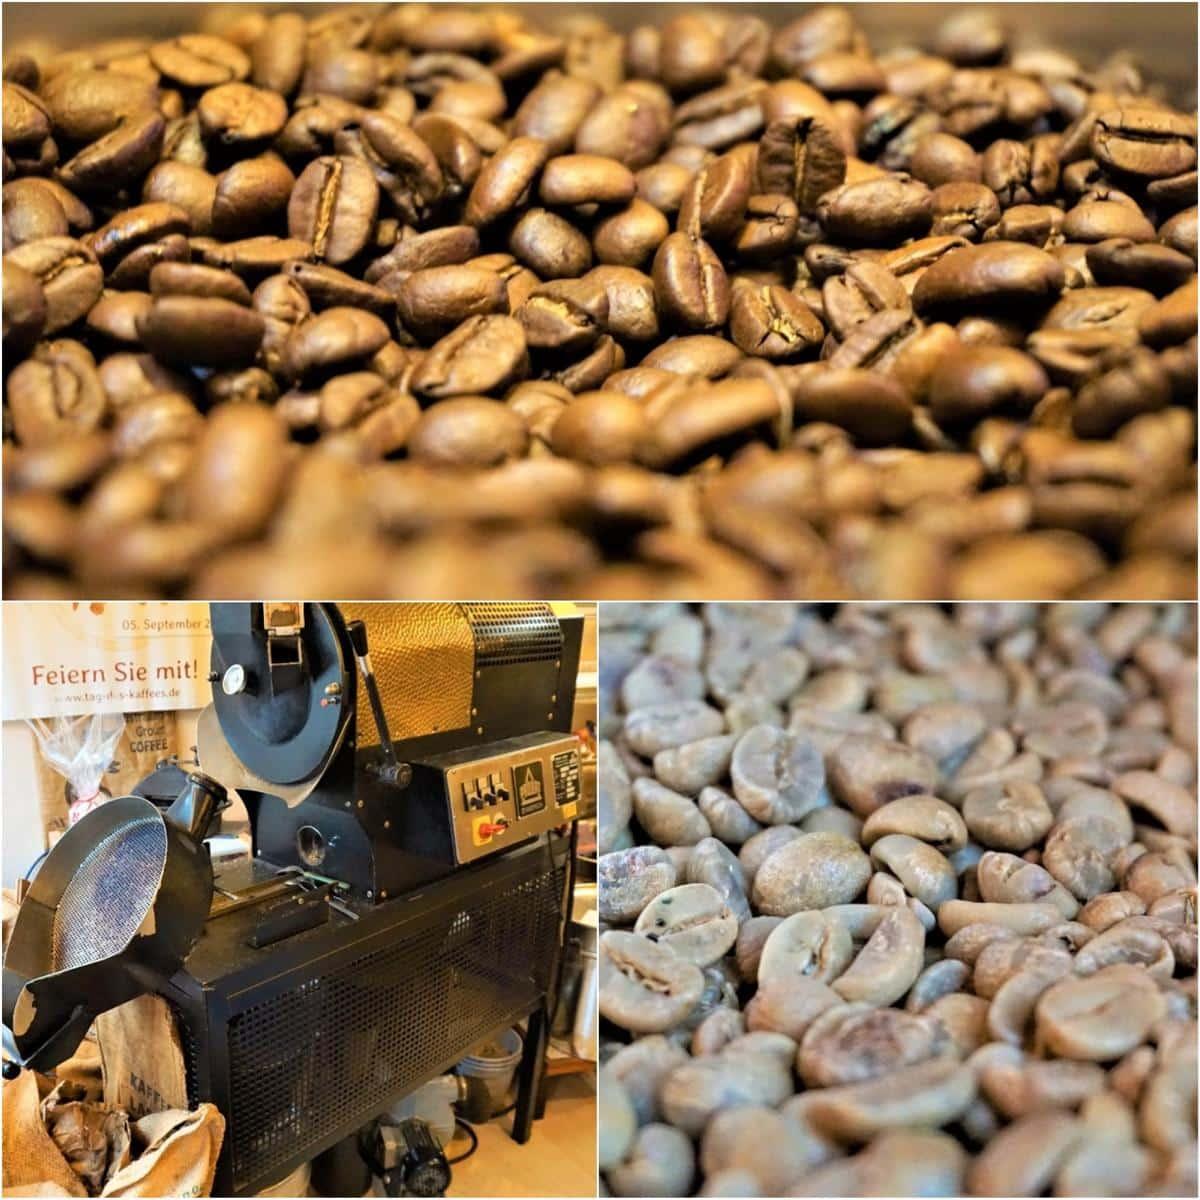 Style Hannover Godshorner Röstkontor Collage - Godshorner Röstkontor –  Slow Food Kaffee in Kirchrode